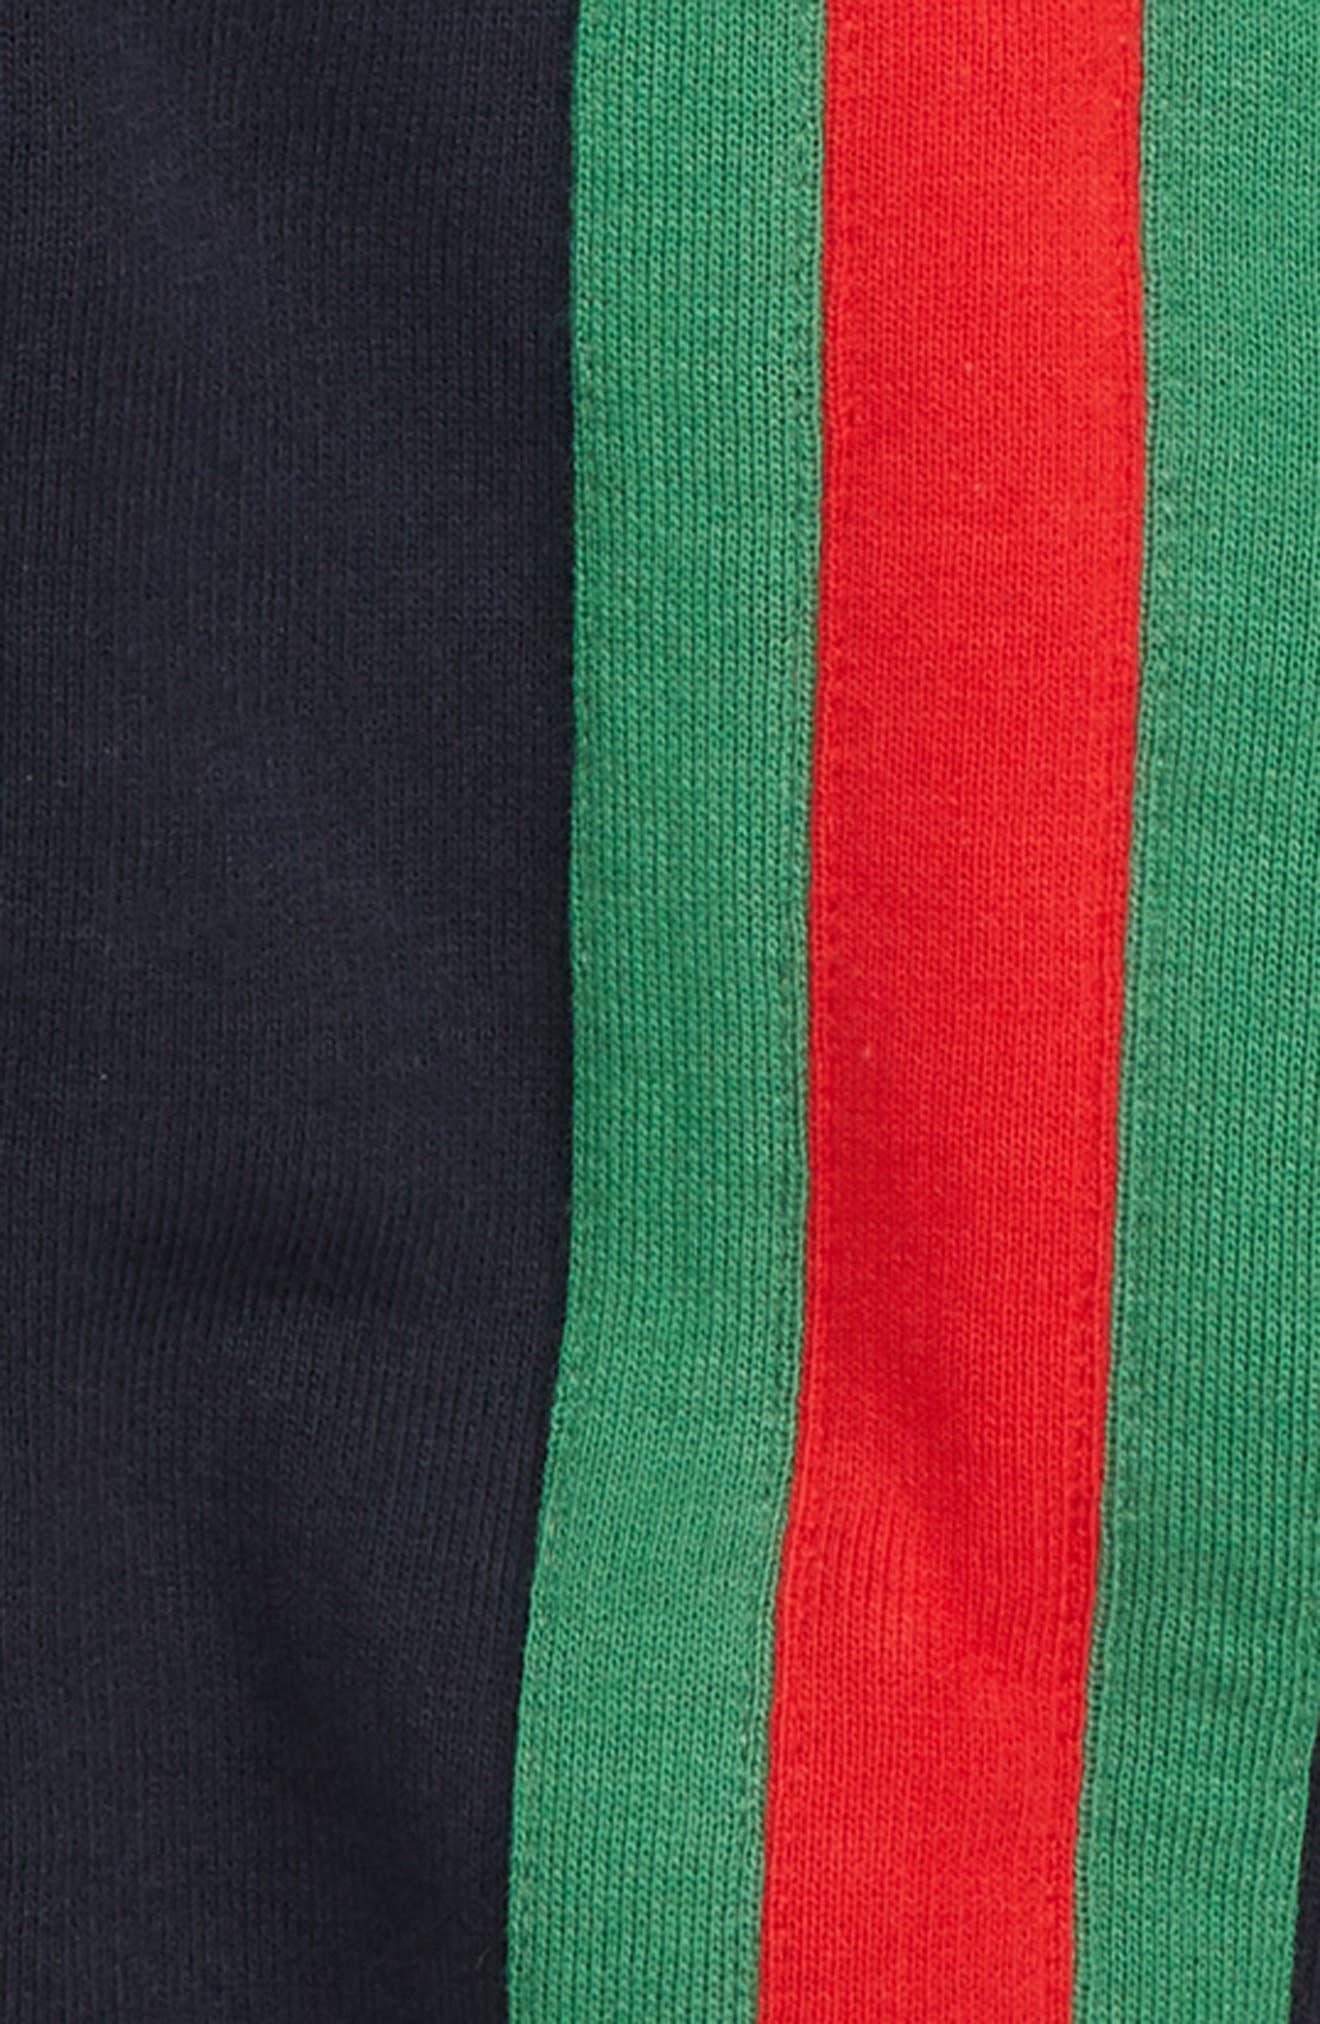 Stripe Zip Hoodie,                             Alternate thumbnail 2, color,                             493